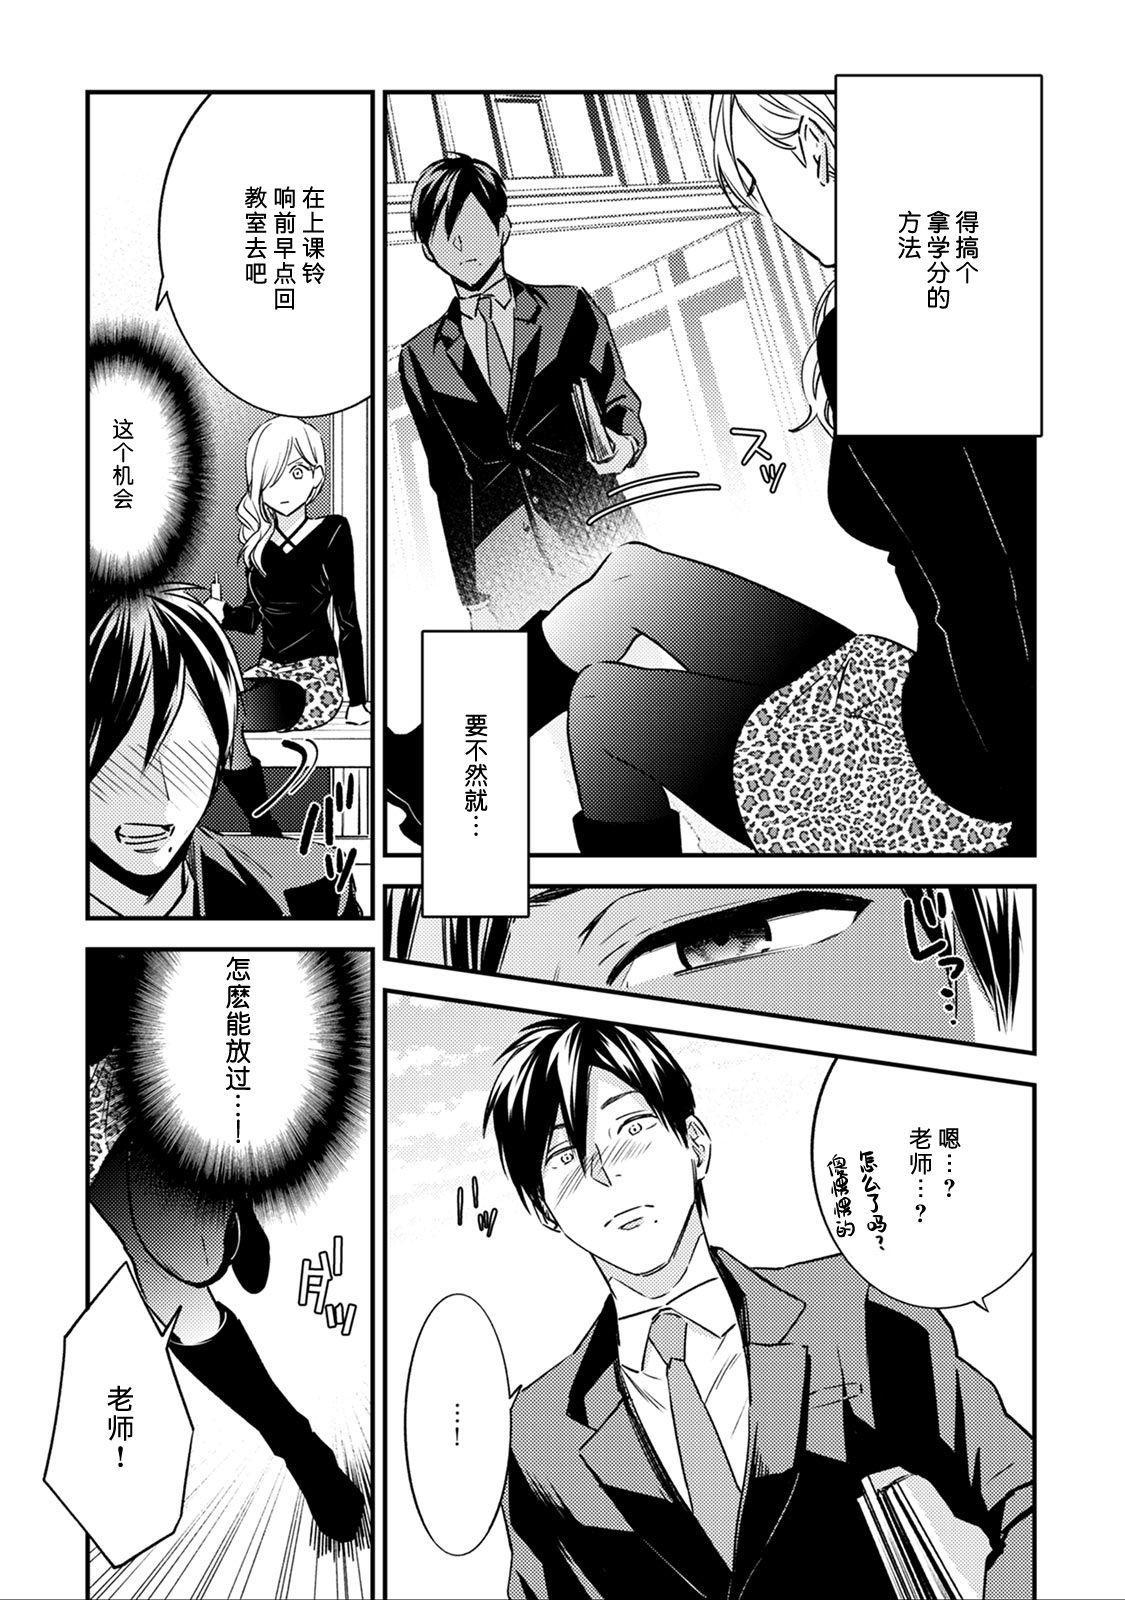 [Reiji] Sensei no Himitsu ~Kimi no ❤❤ ga Suki~ 2 [Chinese][莉赛特汉化组] 8